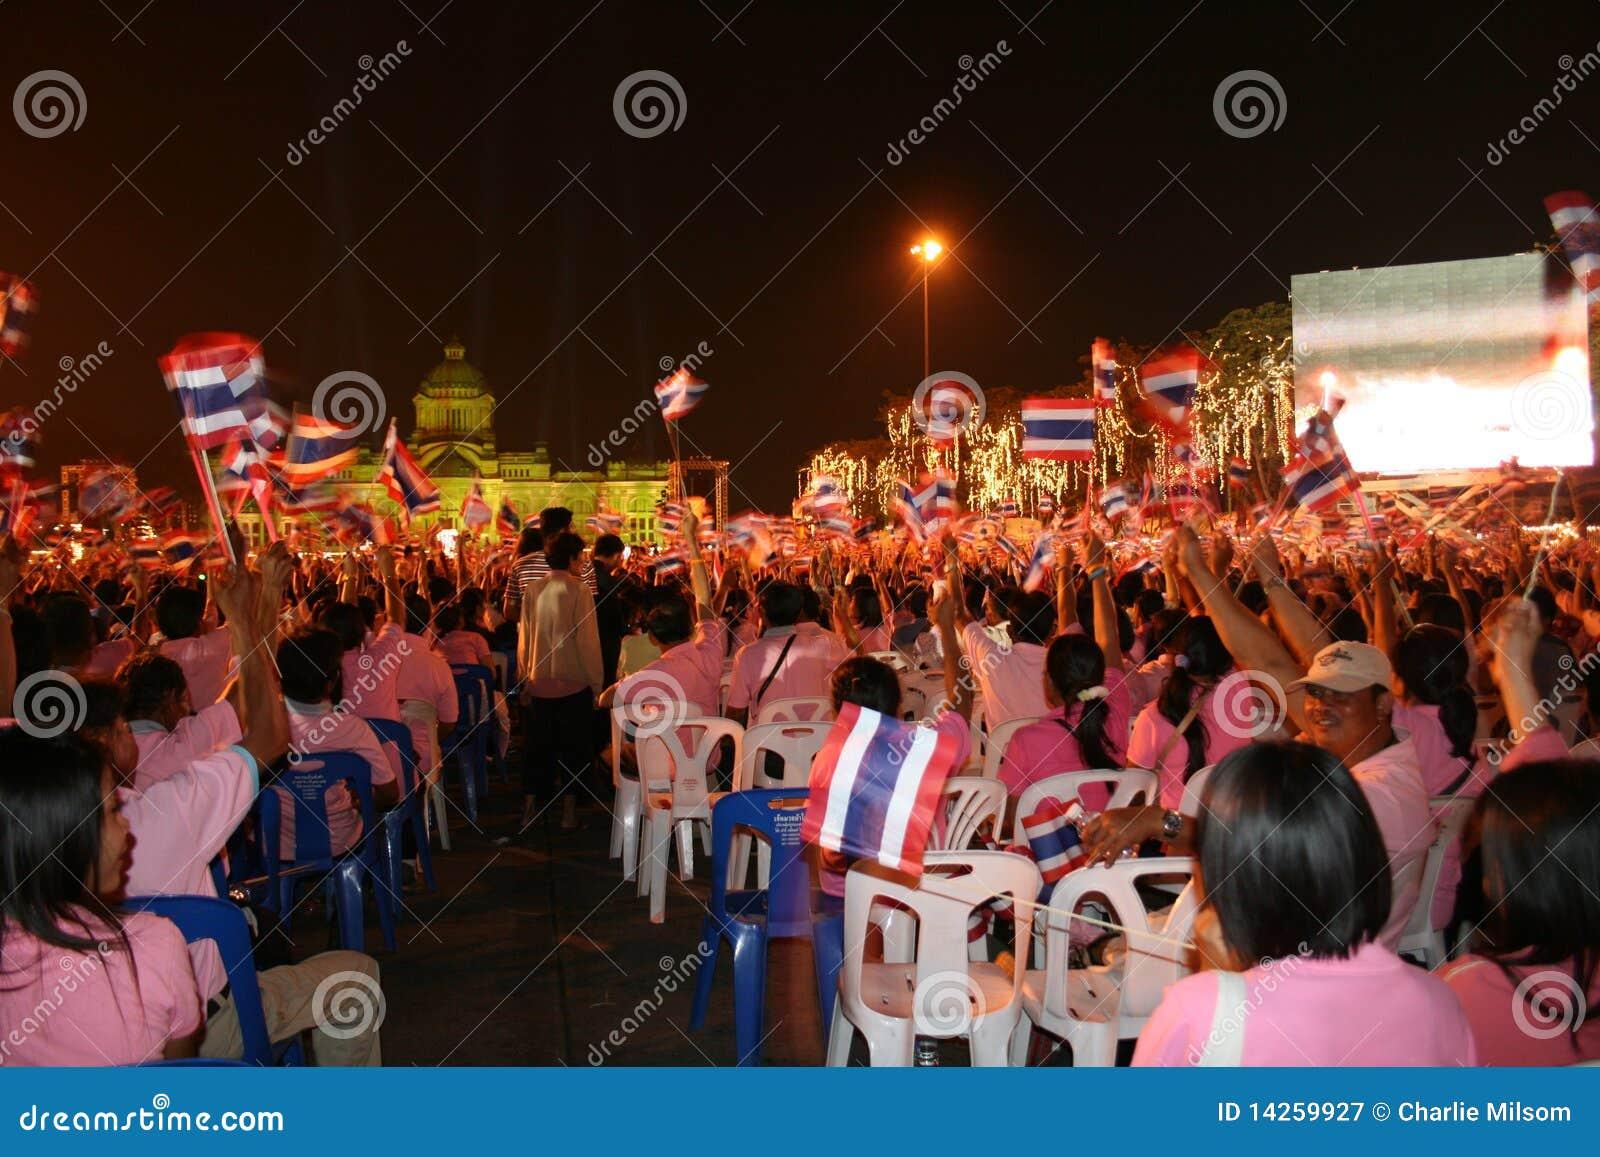 Personnes thaïes à l anniversaire de rois, Thaïlande.